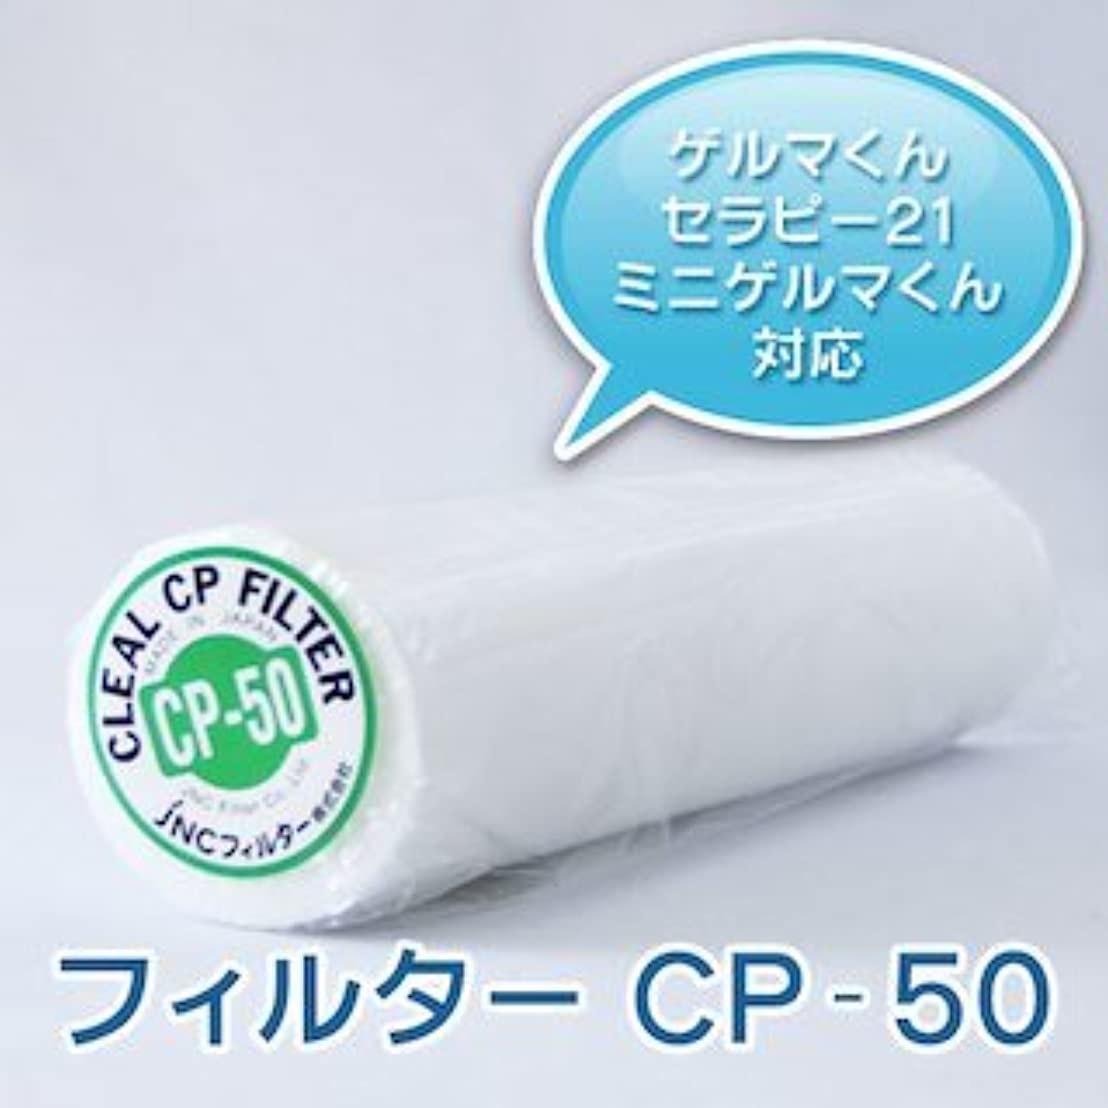 ミッションはげアドバイス【ゲルマ フィルター CP-50】 1本  ゲルマニウム 温浴器 ゲルマくん/セラピー21 対応